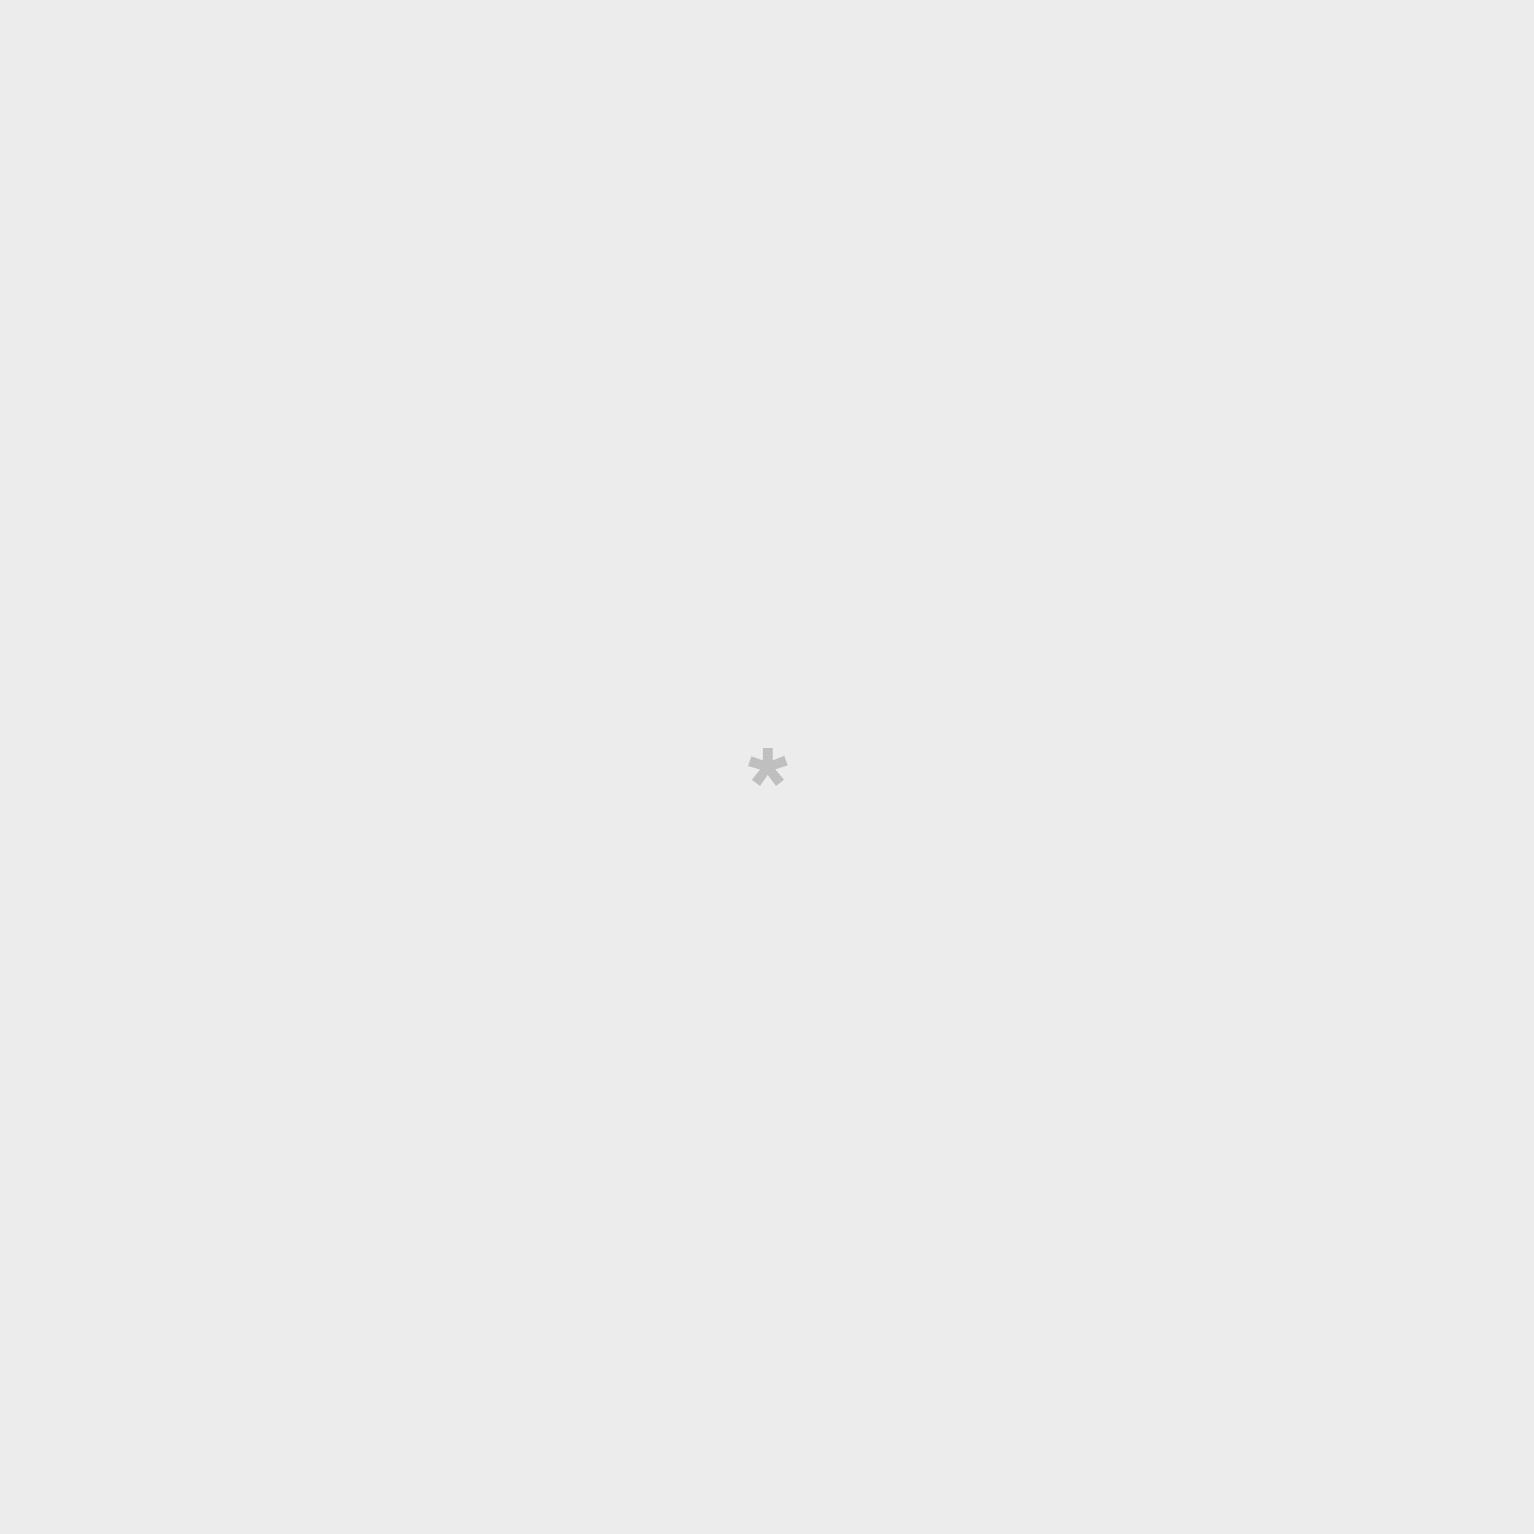 Scatola di caramelle - Tutto è più bello insieme a te